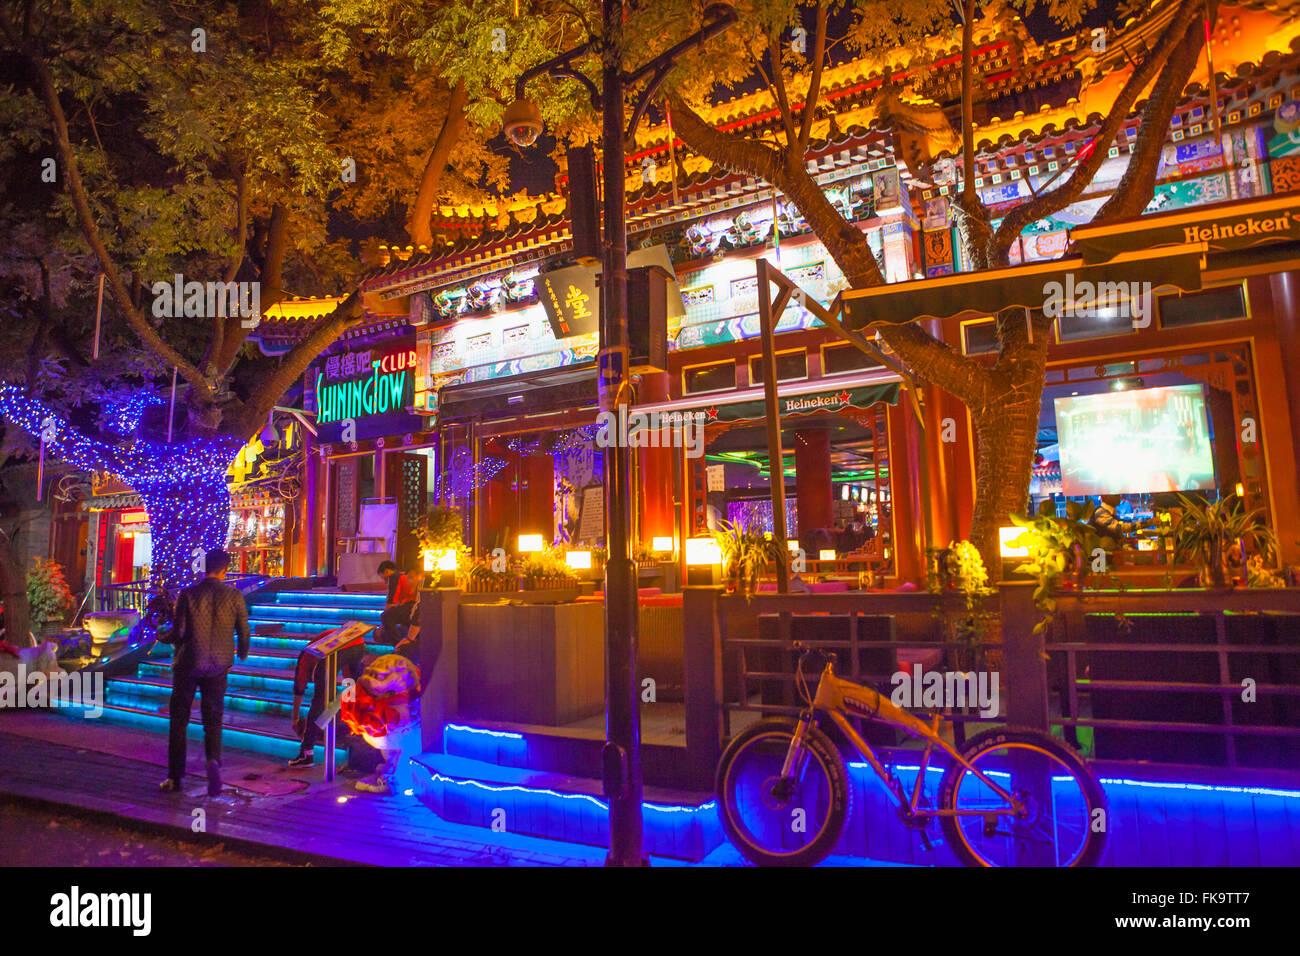 Shining Town Club, Yandai Xiejie Road, Beijing, China - Stock Image